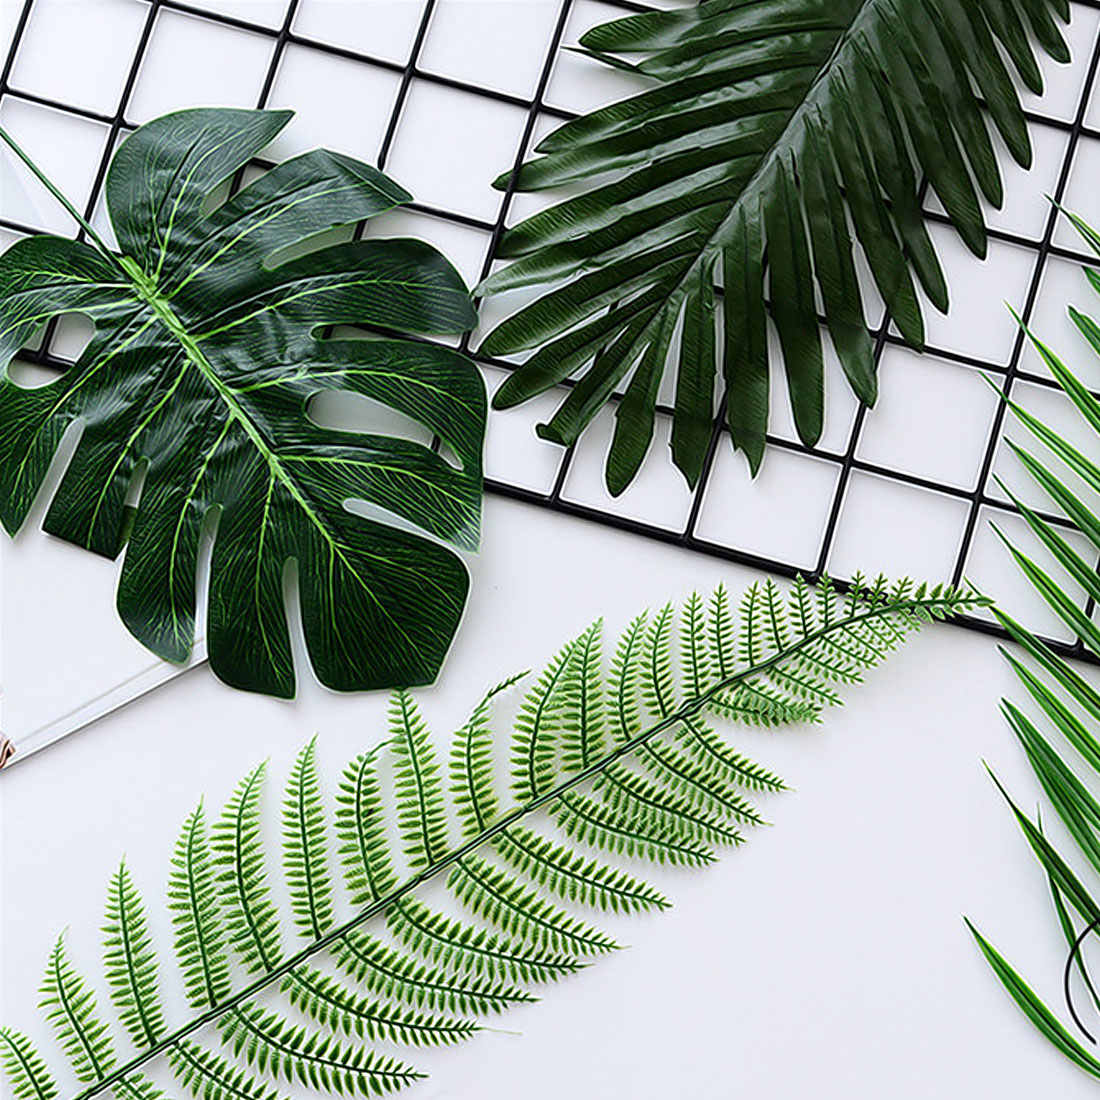 Fleurs artificielles صب لو خطاباتخطابهزوجات 5 10 قطعة كبيرة الاصطناعي وهمية Monstera النخيل شجرة يترك الأخضر البلاستيك ورقة ل هدية مربع